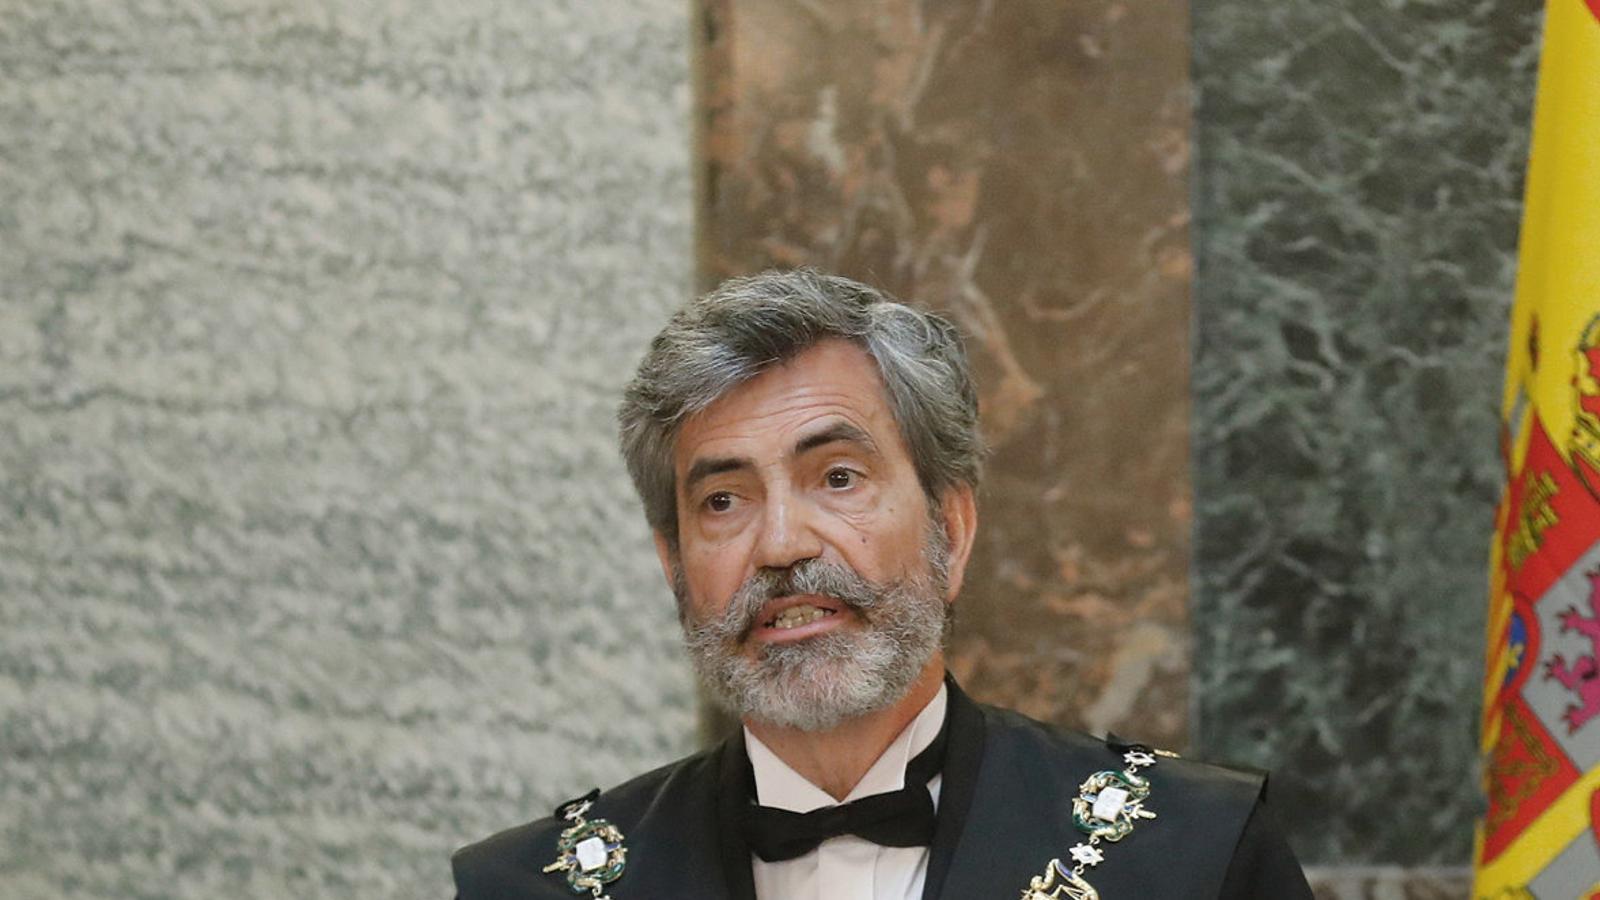 56 dels 62 jutges de la nova promoció aniran destinats a Catalunya, on hi ha la majoria de vacants